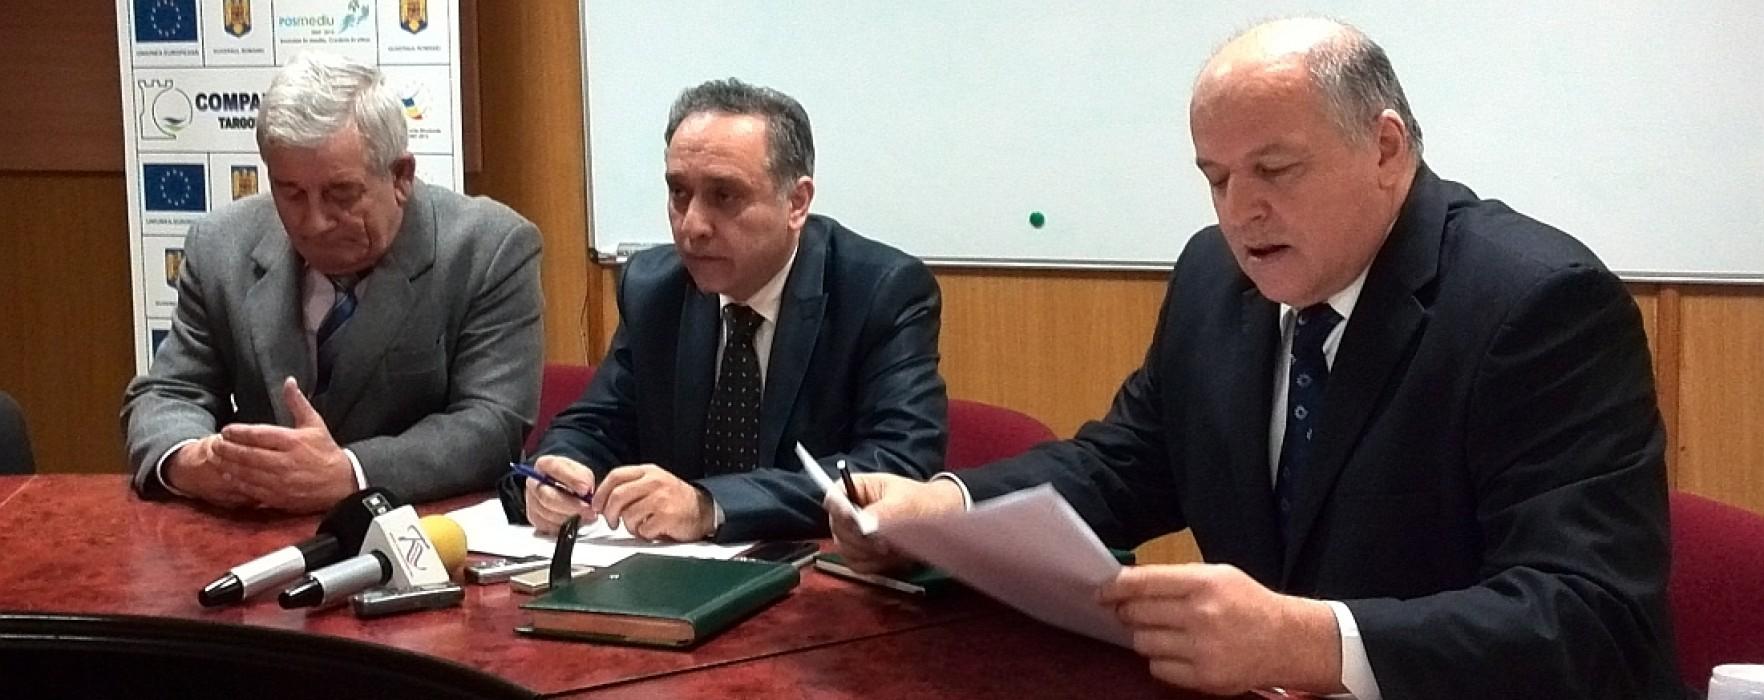 Lucrările la proiectul european de modernizare sistem de apă în Dâmboviţa, întârziate de intrarea în faliment a unor firme